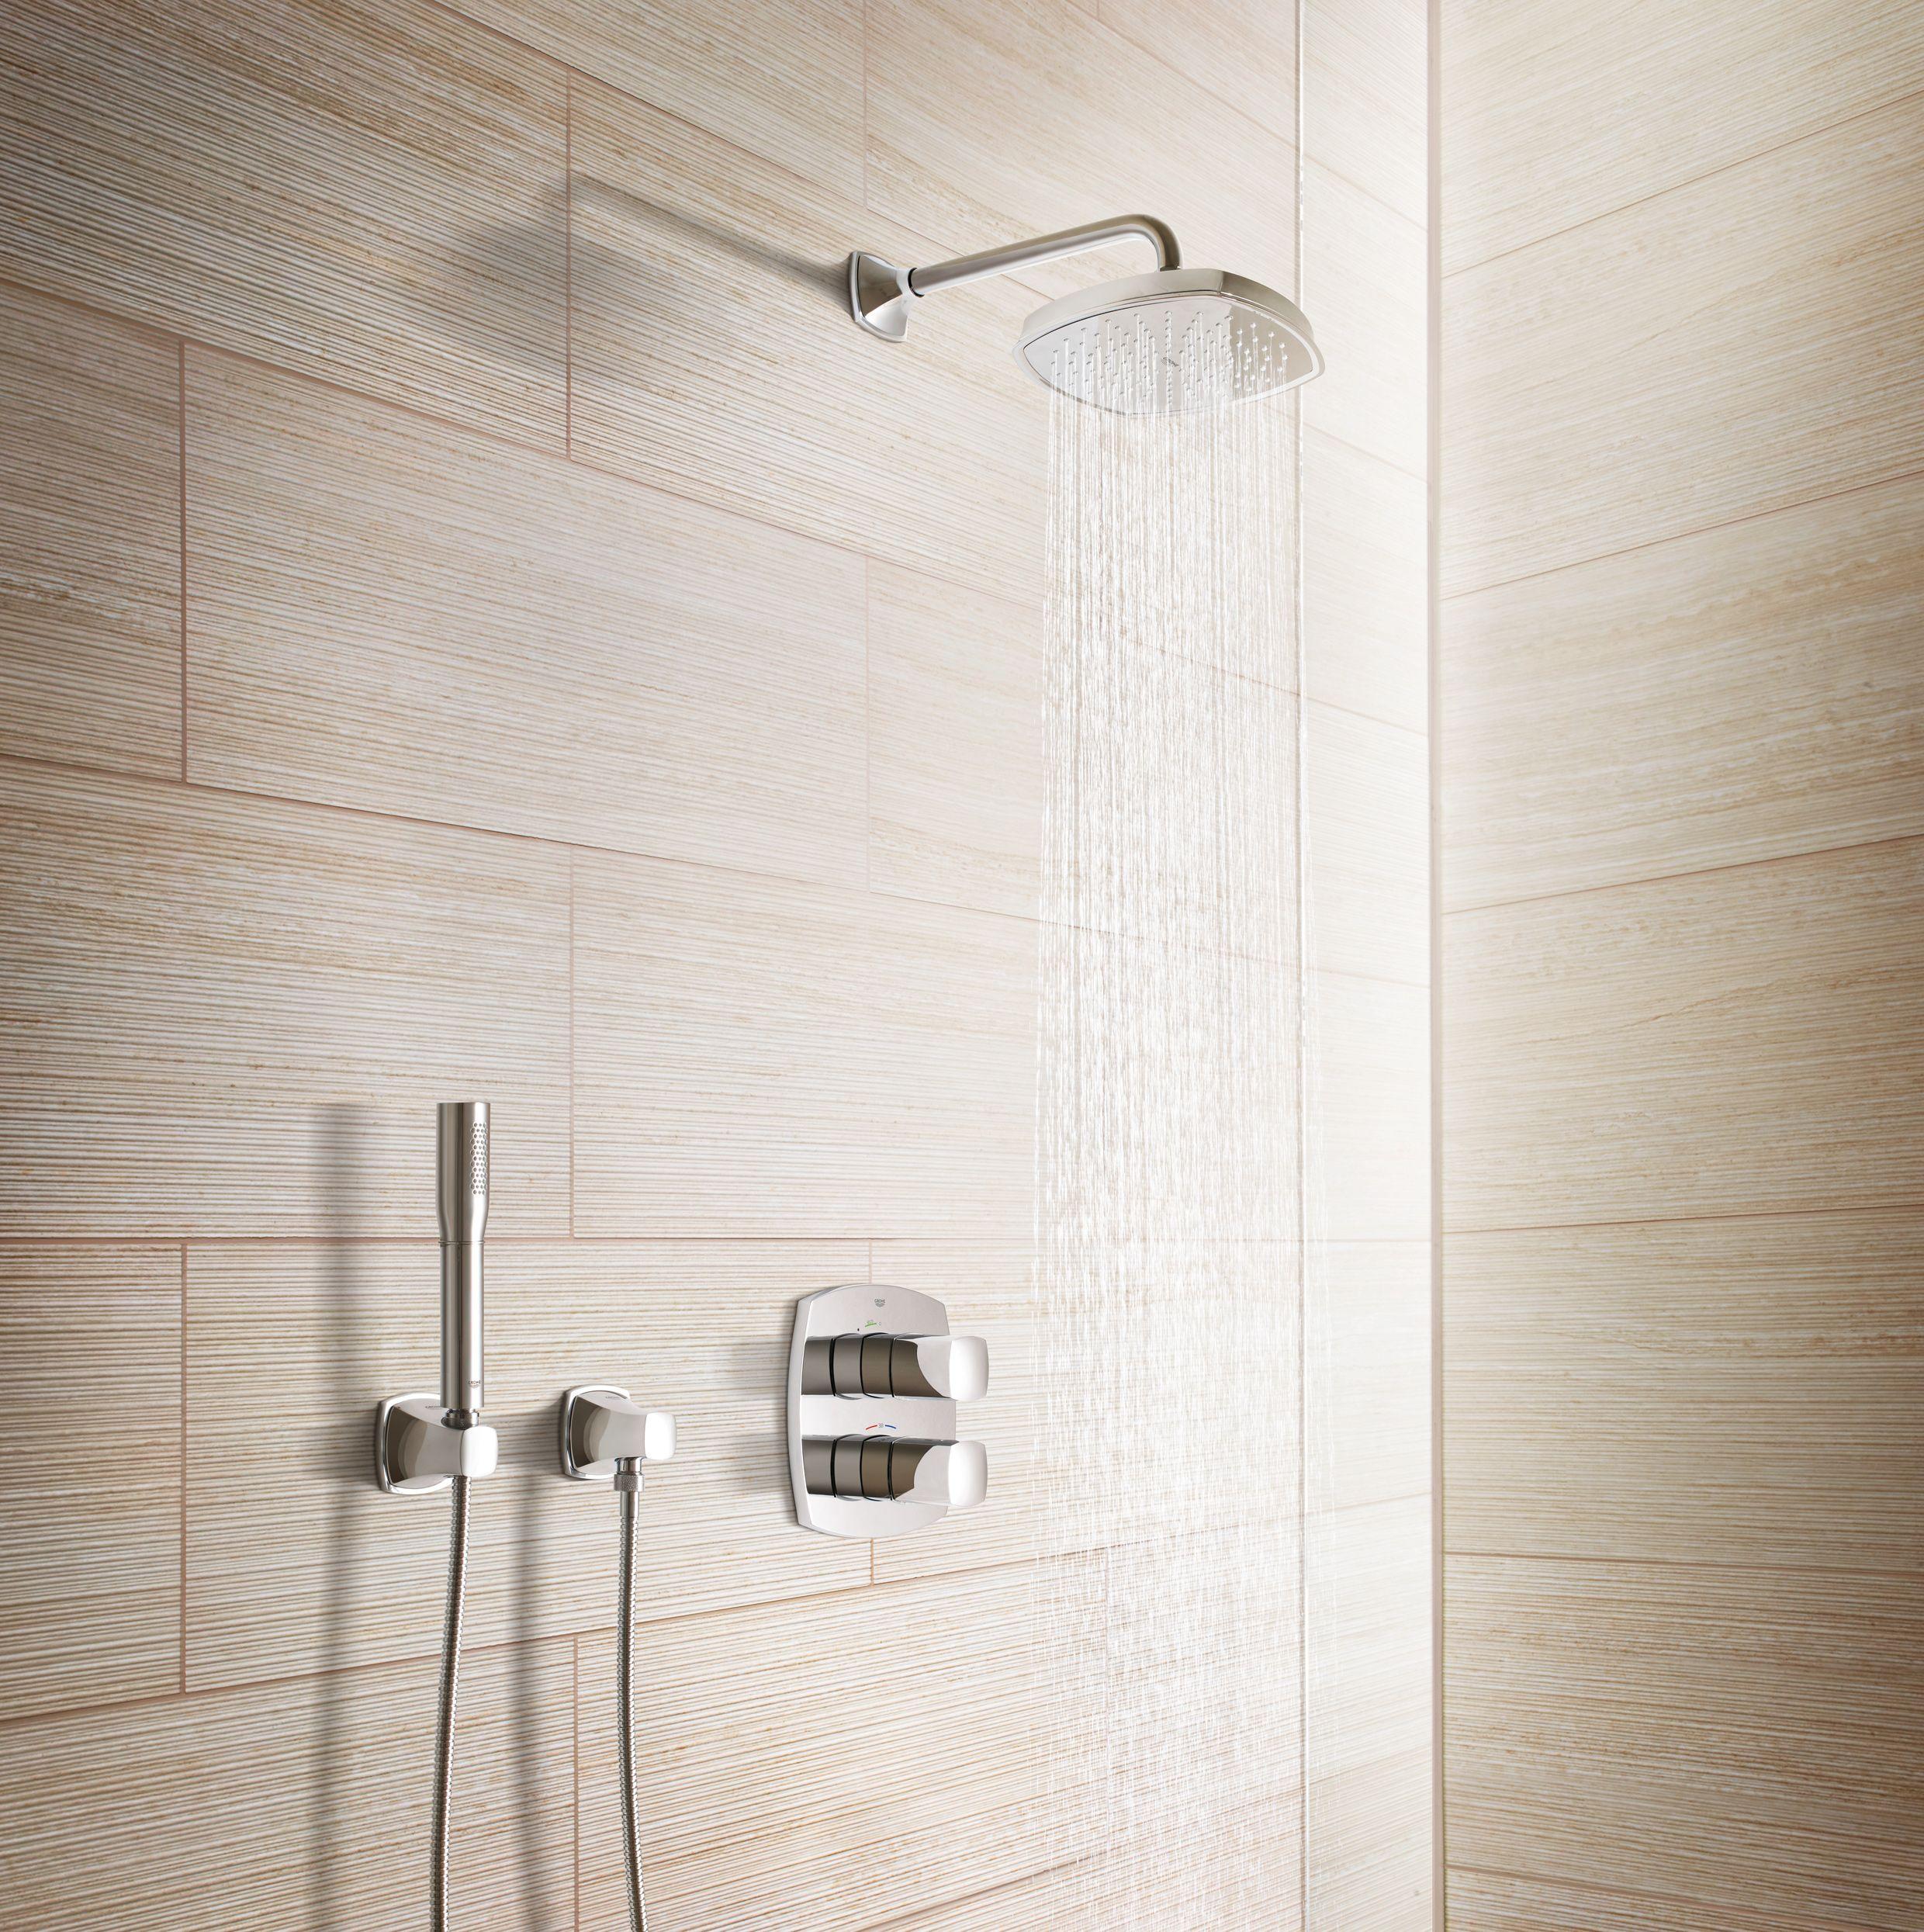 Grohe Grandera Badarmaturen Fur Ihr Bad Shower Panels Glass Shower Wall Shower Wall Panels